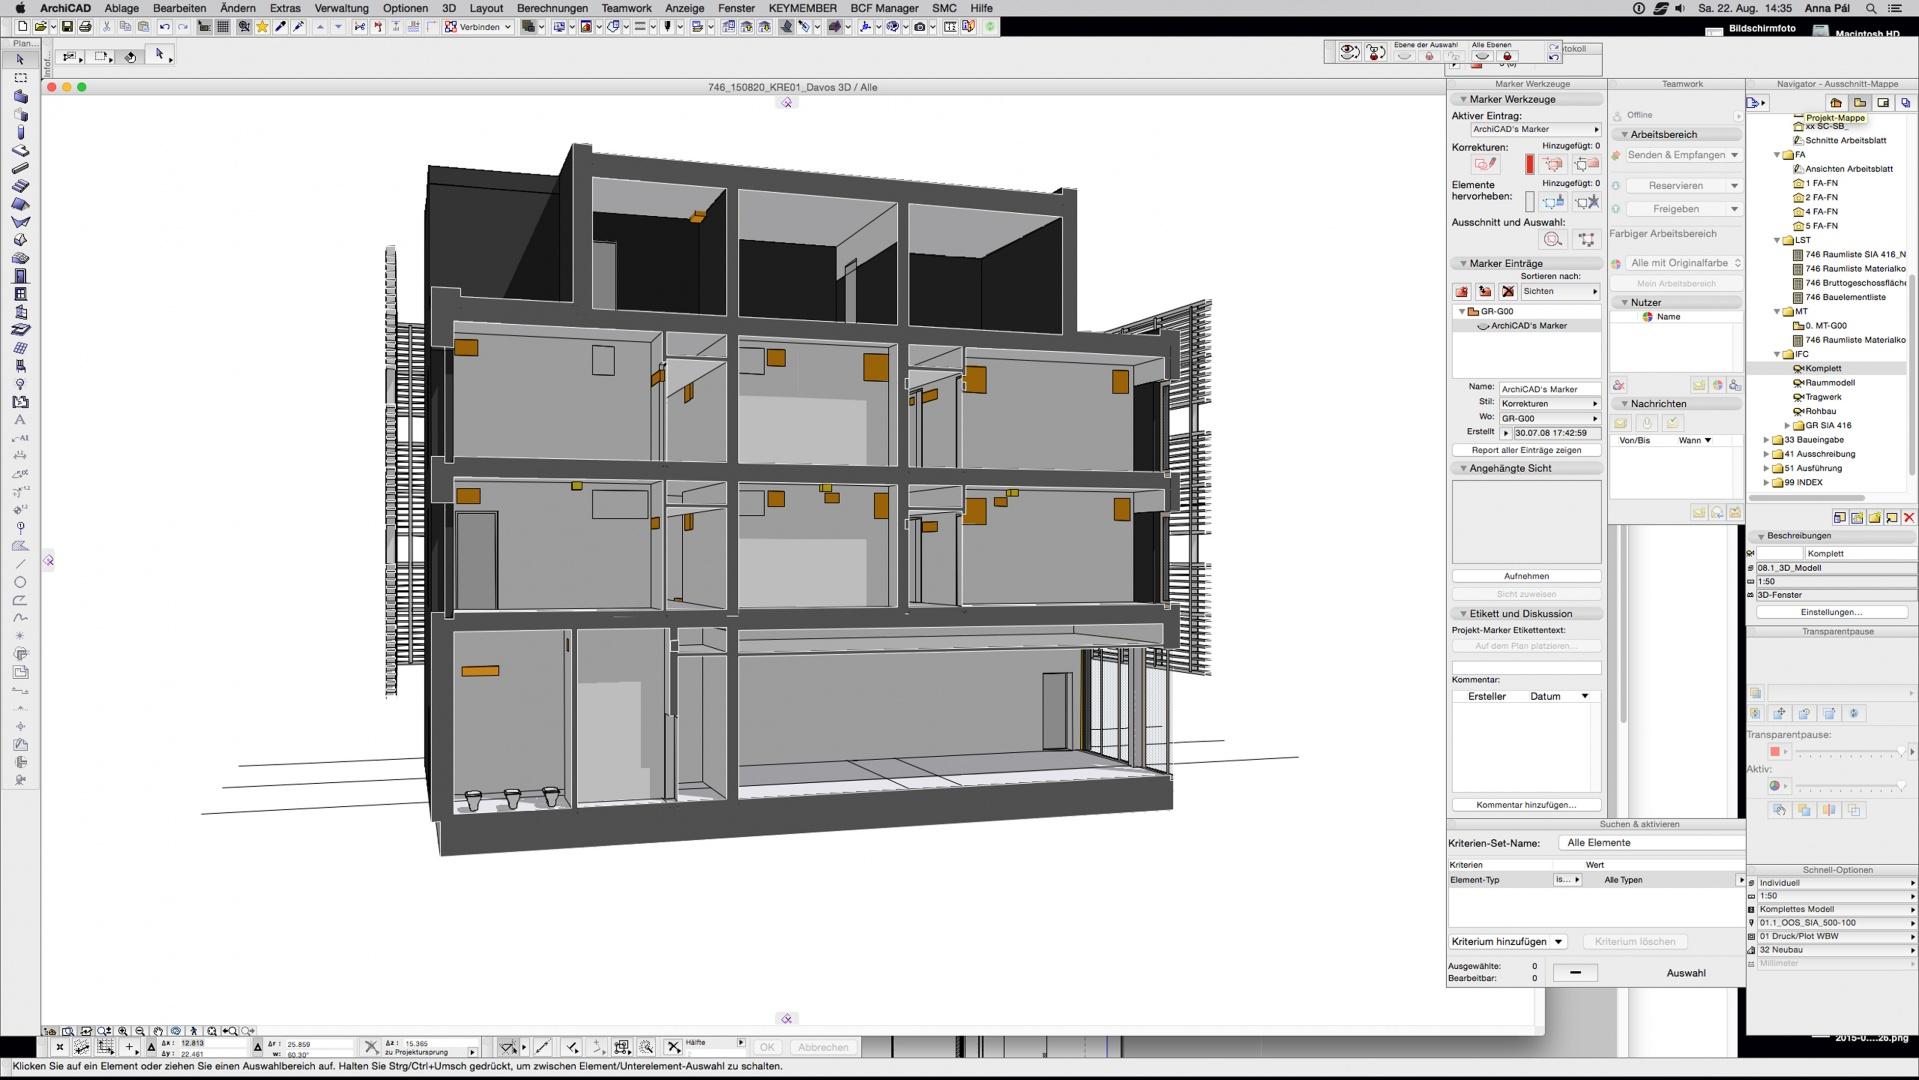 Architekturmodell mit Aussparungskörpern © OOS AG